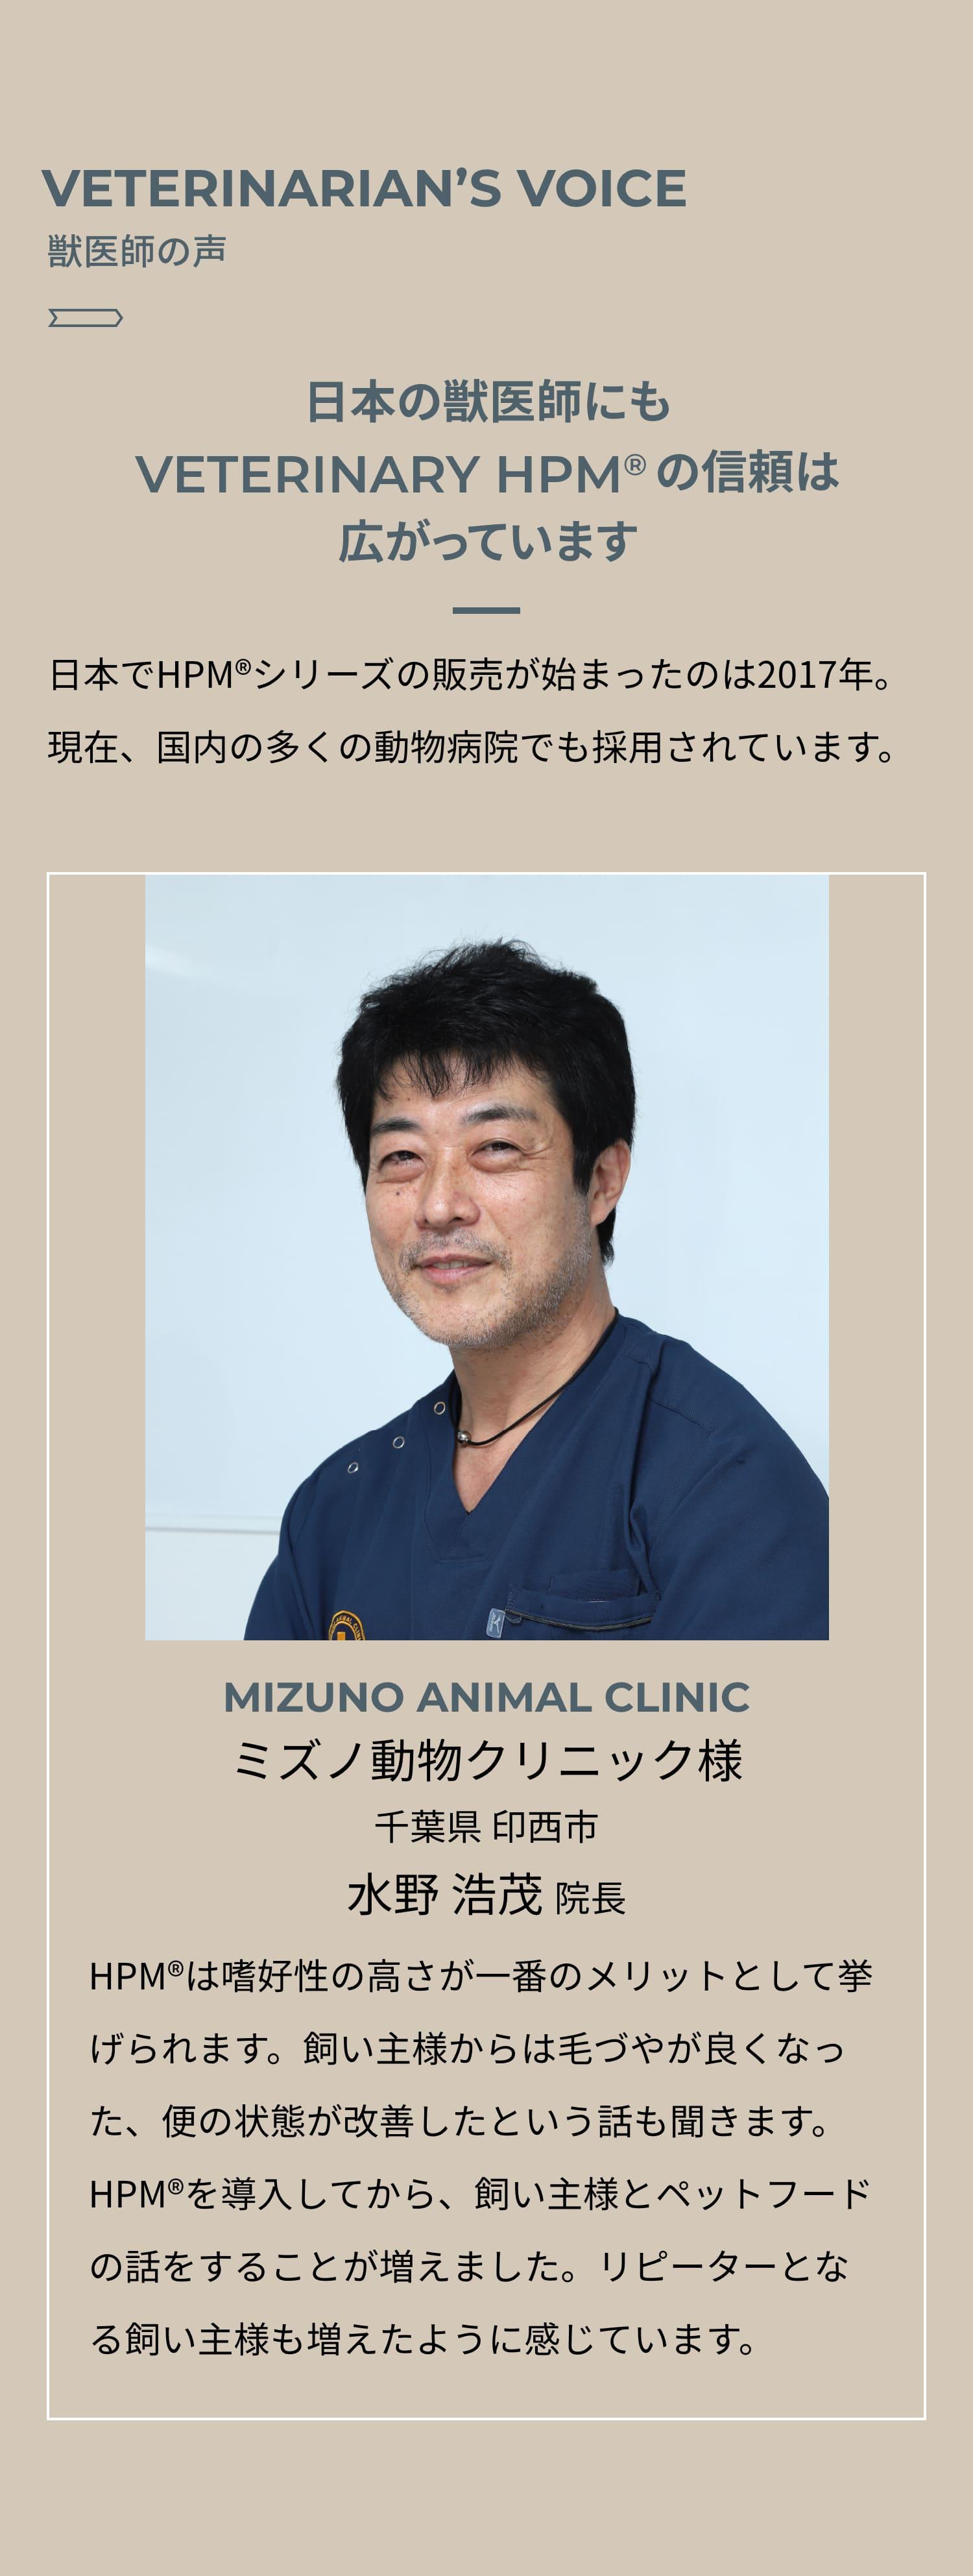 VETERINARIAN'S VOICE 獣医師の声 日本の獣医師にもVETERINARY HPM®︎の信頼は広がっています 日本でHPM®︎シリーズの販売が始まったのは2017年。2021年現在、国内の多くの動物病院でも採用されています。MIZUNO ANIMAL CLINIC ミズノ動物クリニック様 千葉県 印西市 水野 浩茂 院長 HPM®︎は嗜好性の高さが一番のメリットとして挙げられます。飼い主様からは毛づやが良くなった、便の状態が改善したという話も聞きます。HPM®︎を導入してから、飼い主様とペットフードの話をすることが増えました。リピーターとなる飼い主様も増えたように感じています。